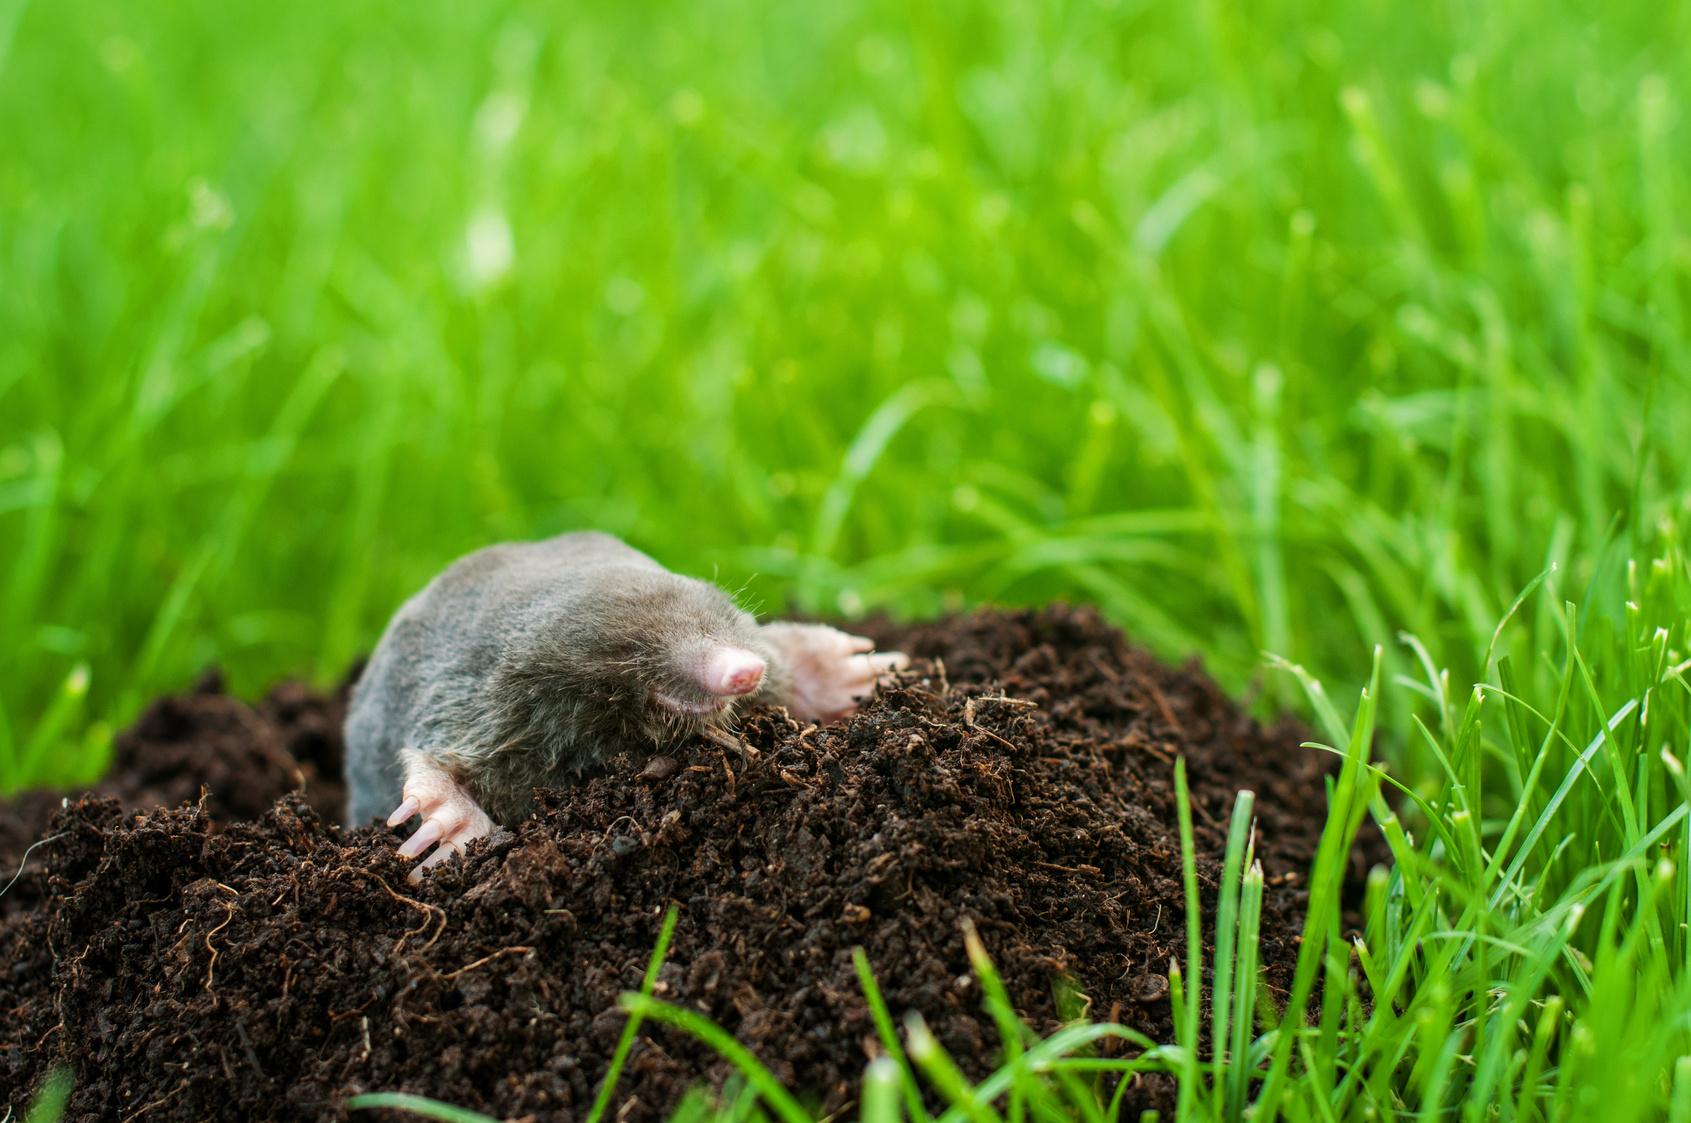 Comment Éviter Les Taupes Dans Son Jardin ? concernant Arbre A Taupe